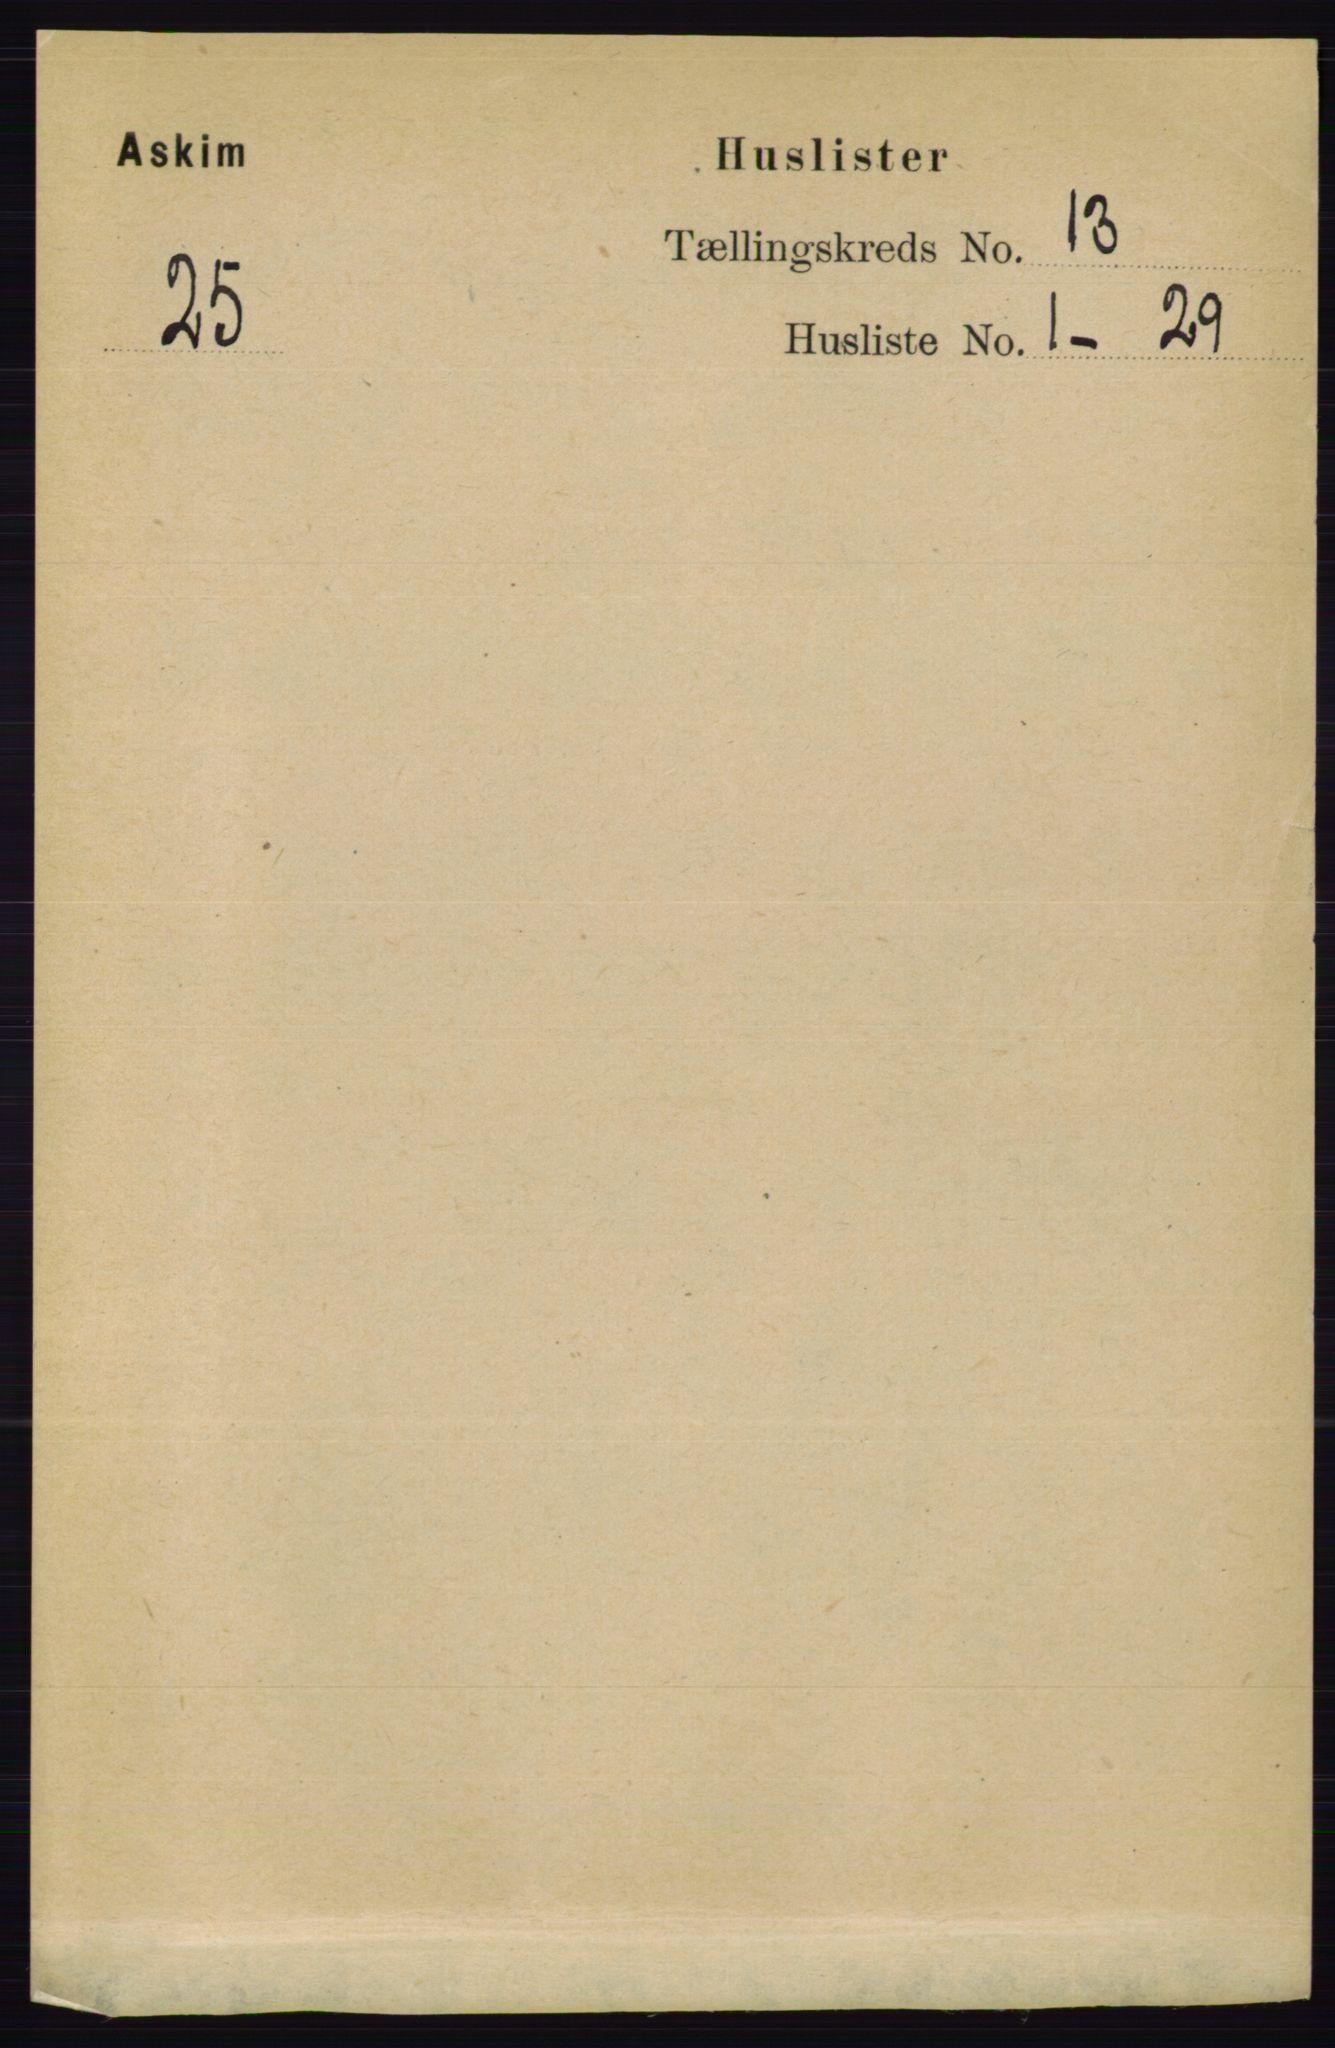 RA, Folketelling 1891 for 0124 Askim herred, 1891, s. 2010